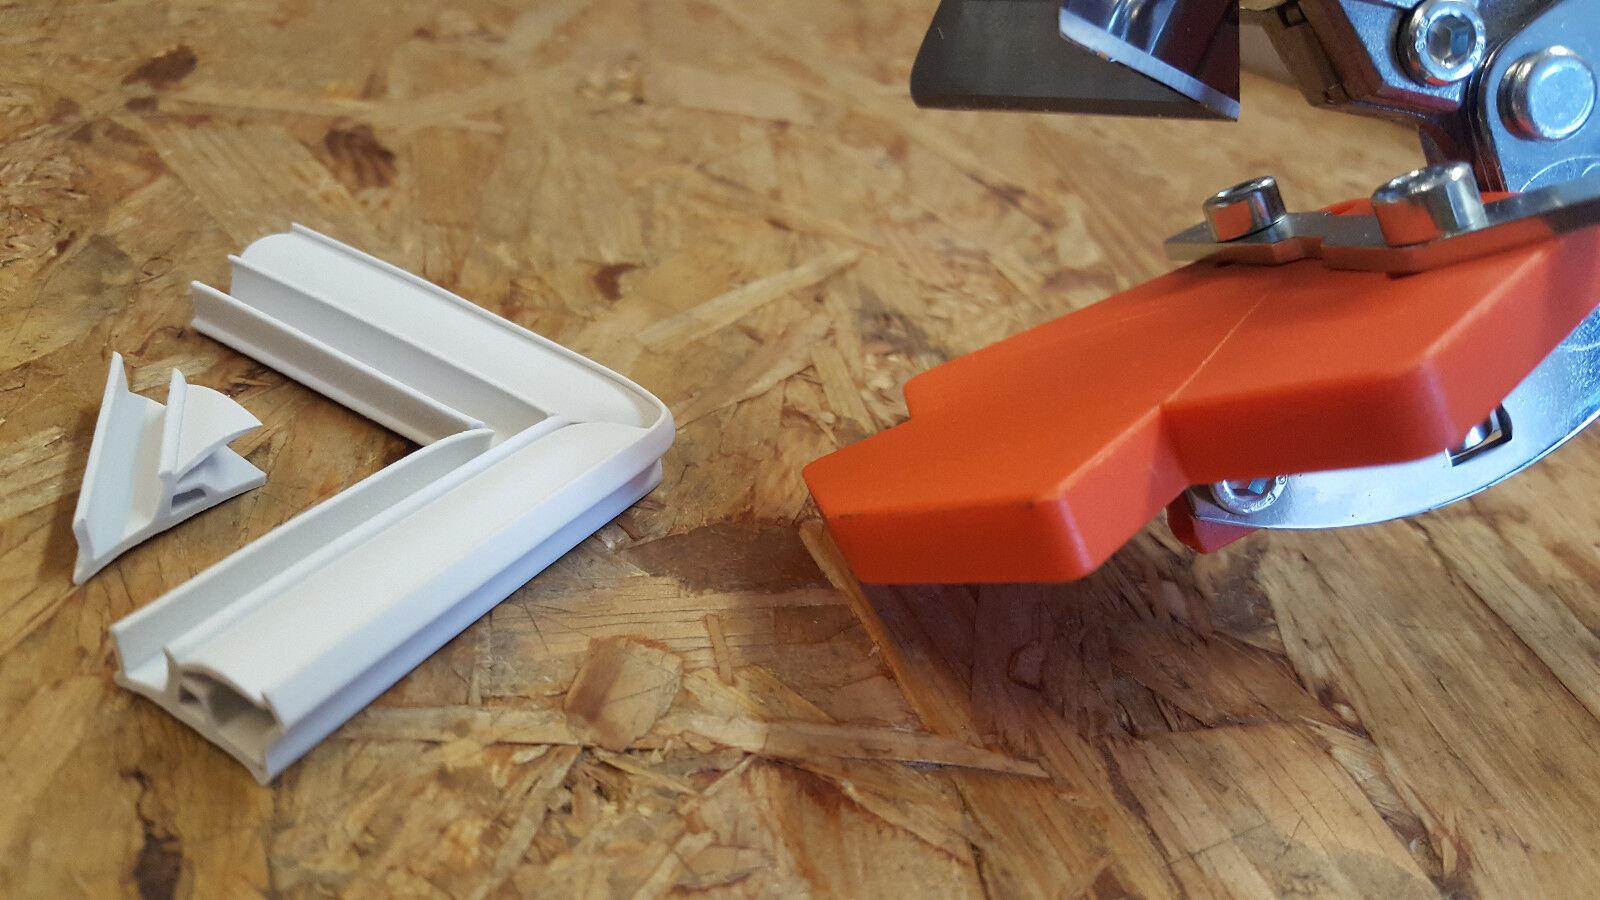 GP    m, m, m, 200m-Rolle Fensterdichtung für Holzfenster Goll AFK2037-SC 2 | Bunt,  065bfc